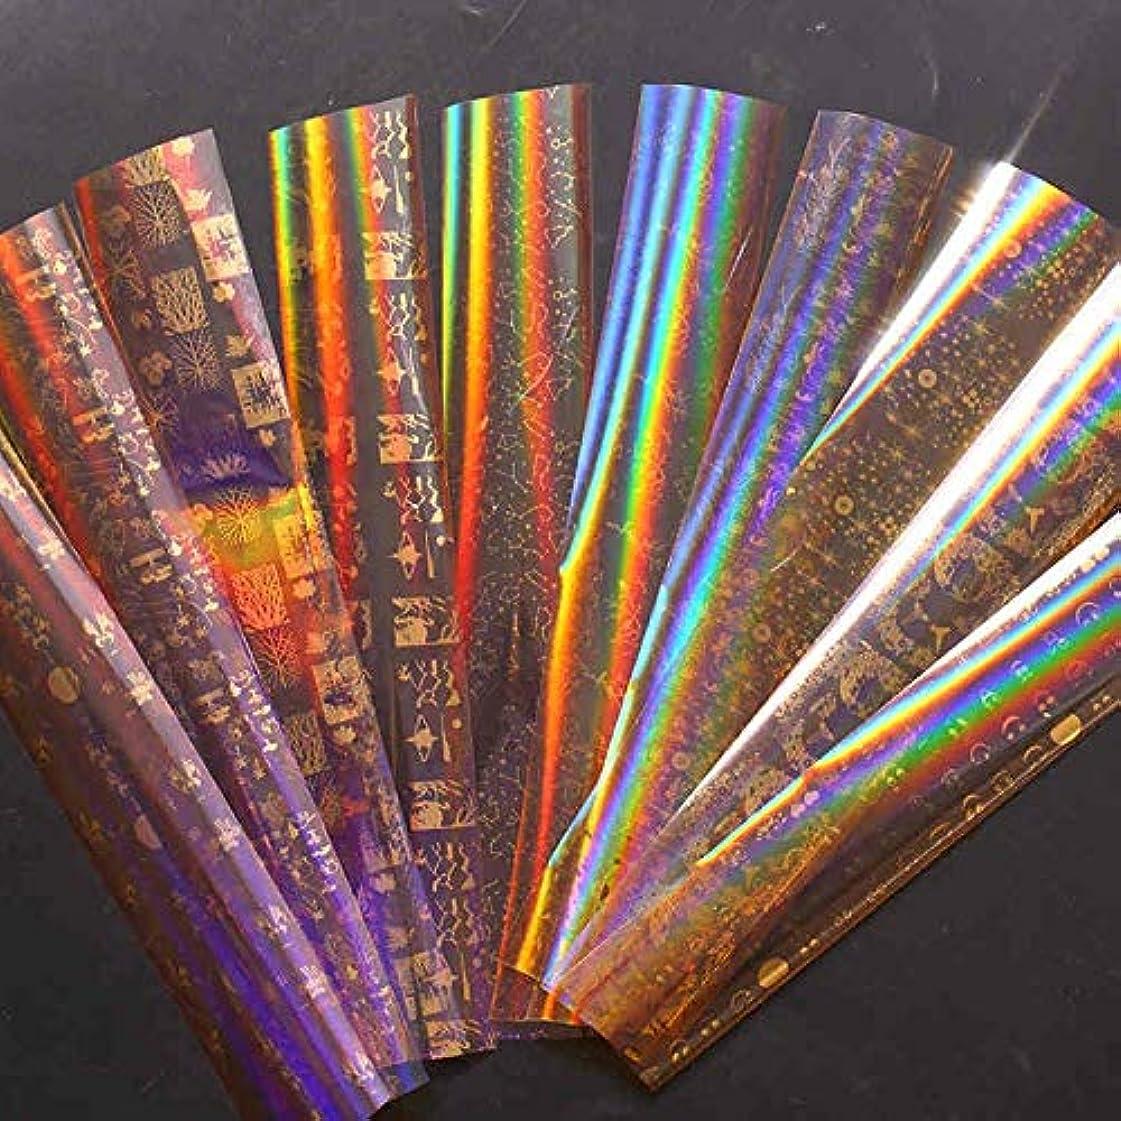 そこ世紀栄光のSUKTI&XIAO ネイルステッカー ホログラフィックネイルホイルセット4 * 100Cm透明ゴールドカラートランスファーステッカーマニキュアネイルアートデカール10個、金